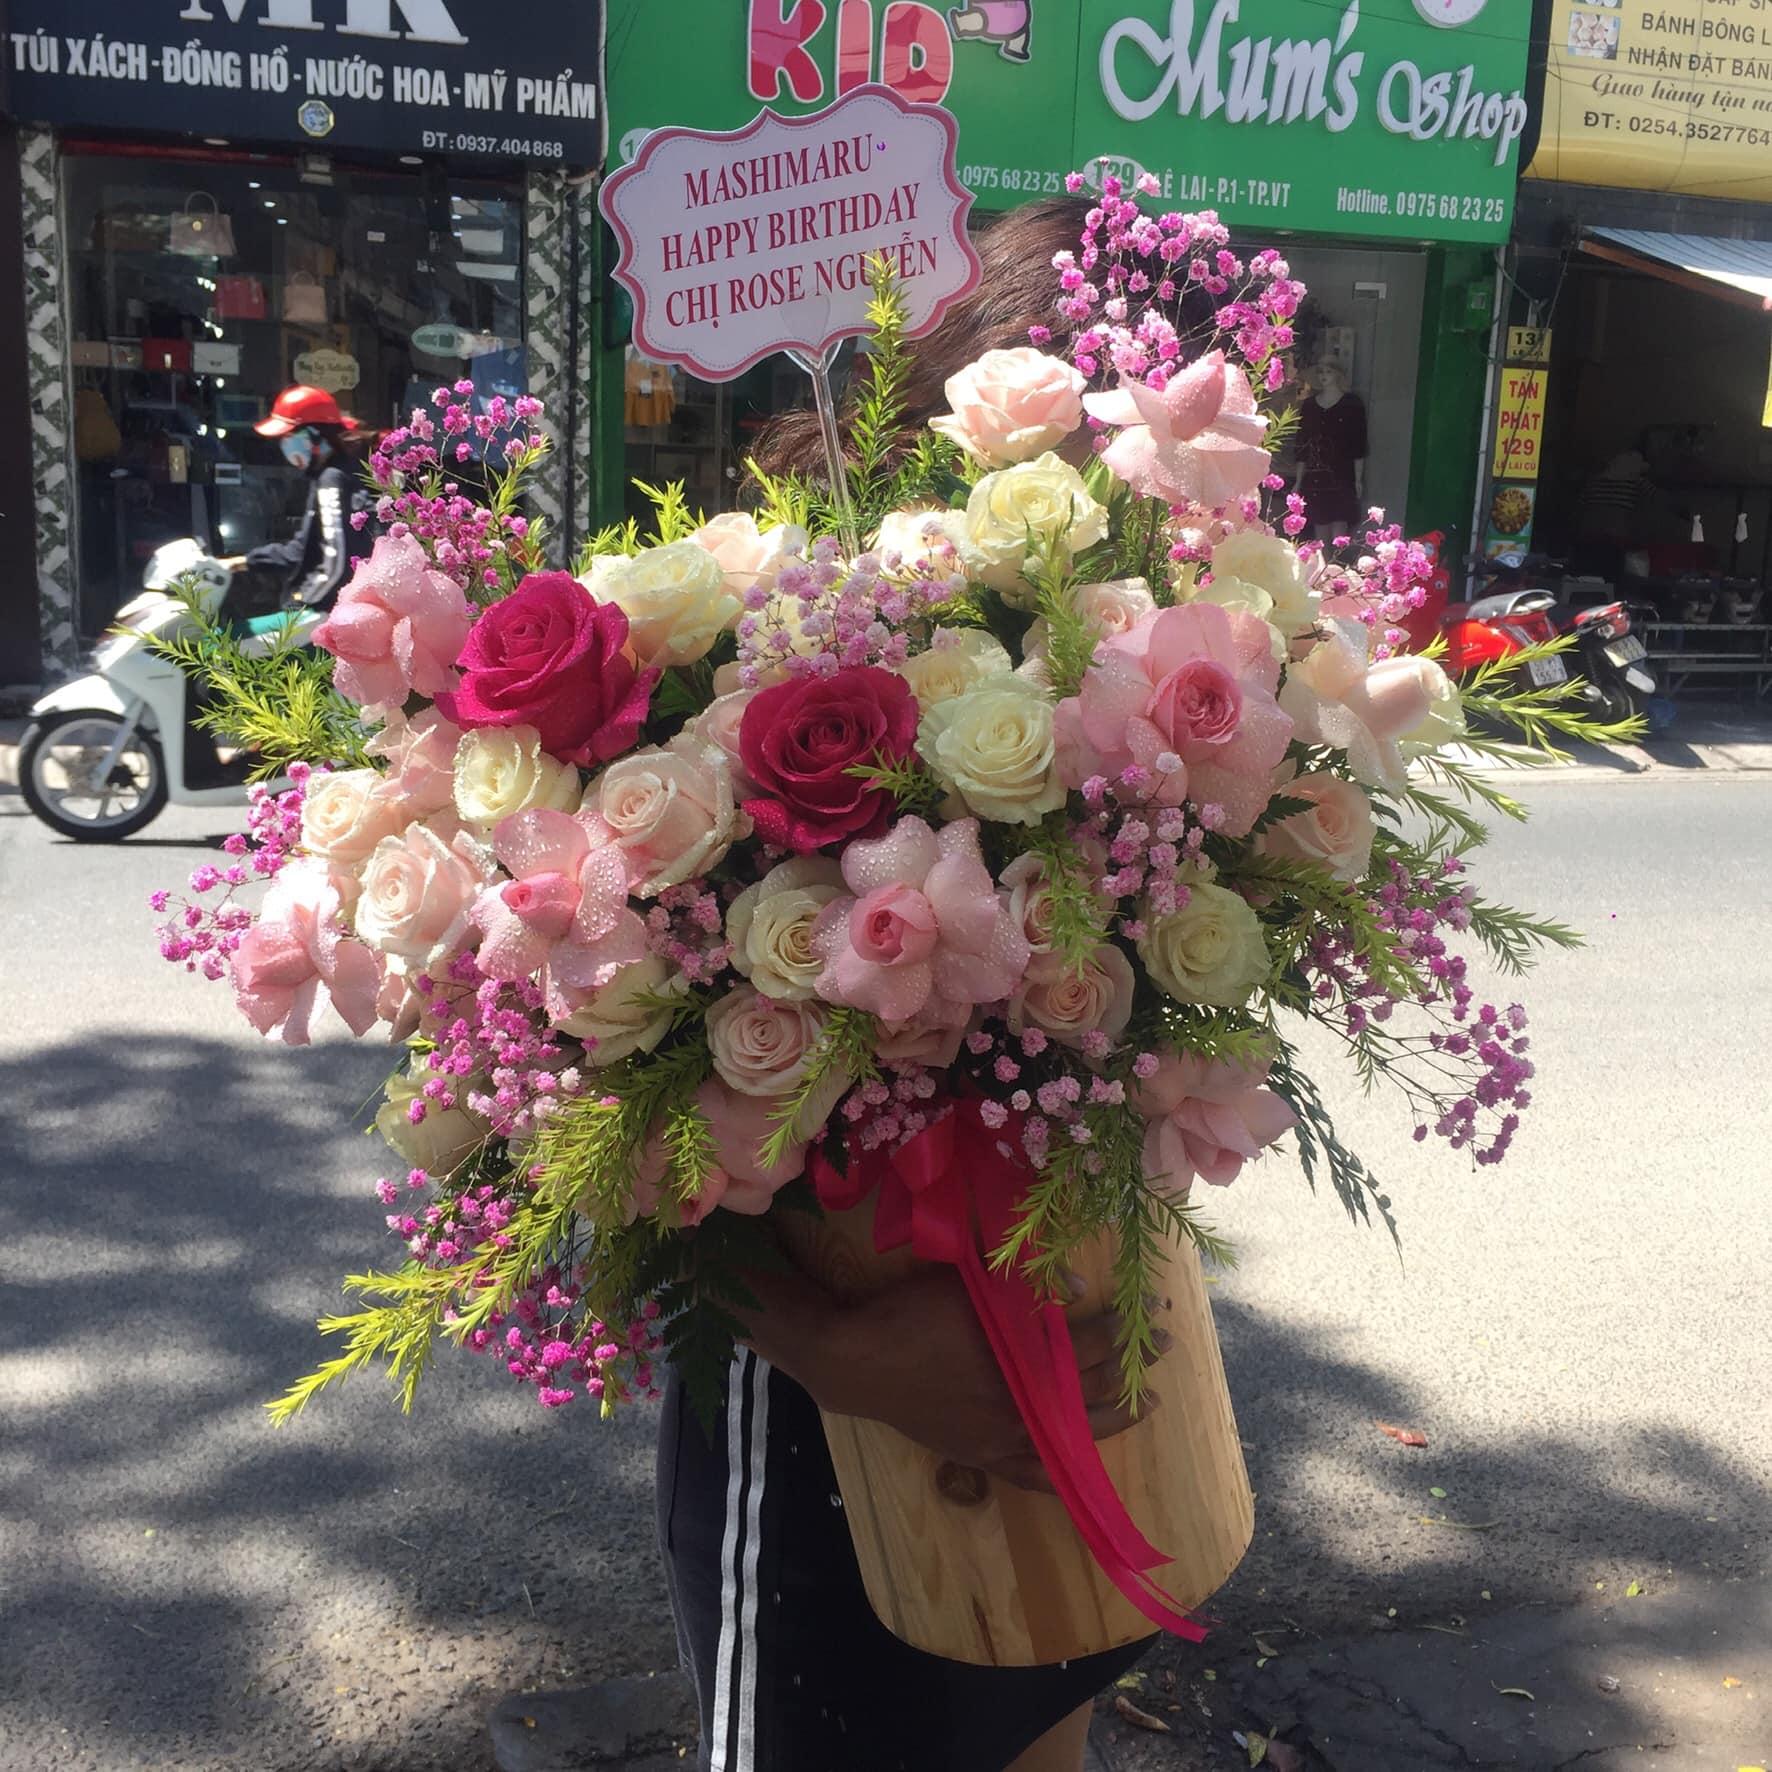 Giỏ hoa mừng sinh nhật Vũng Tàu